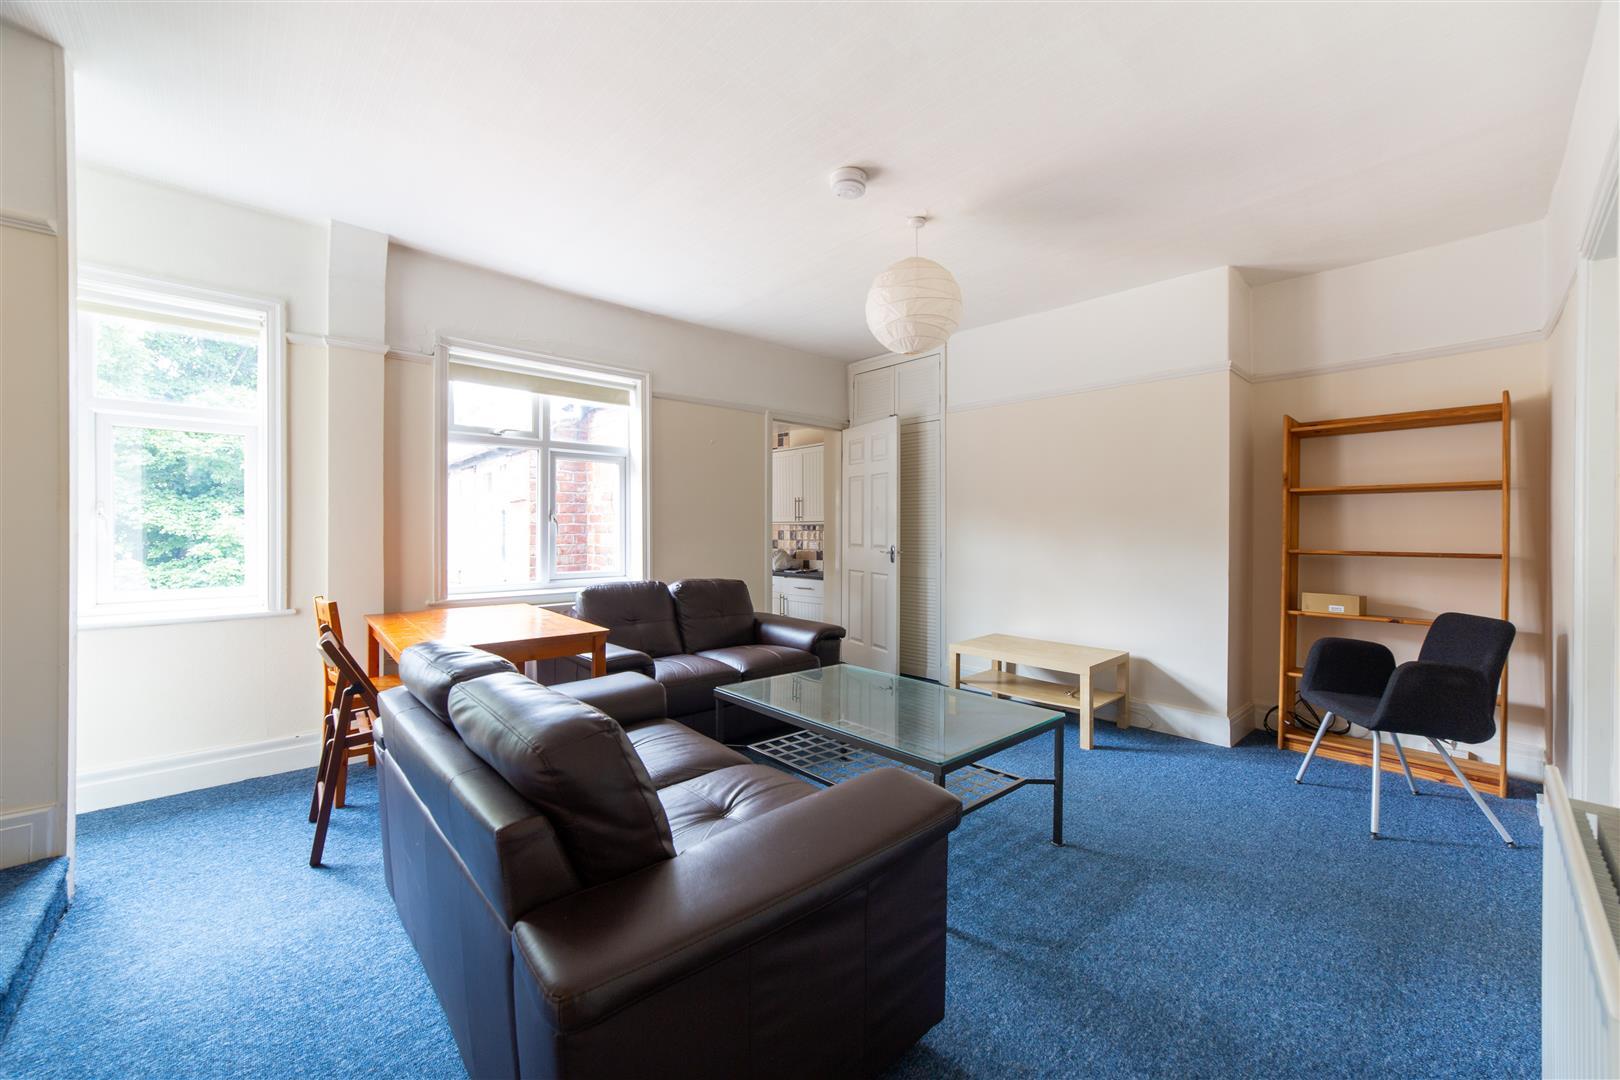 3 bed maisonette to rent in Craghall Dene, Newcastle Upon Tyne, NE3